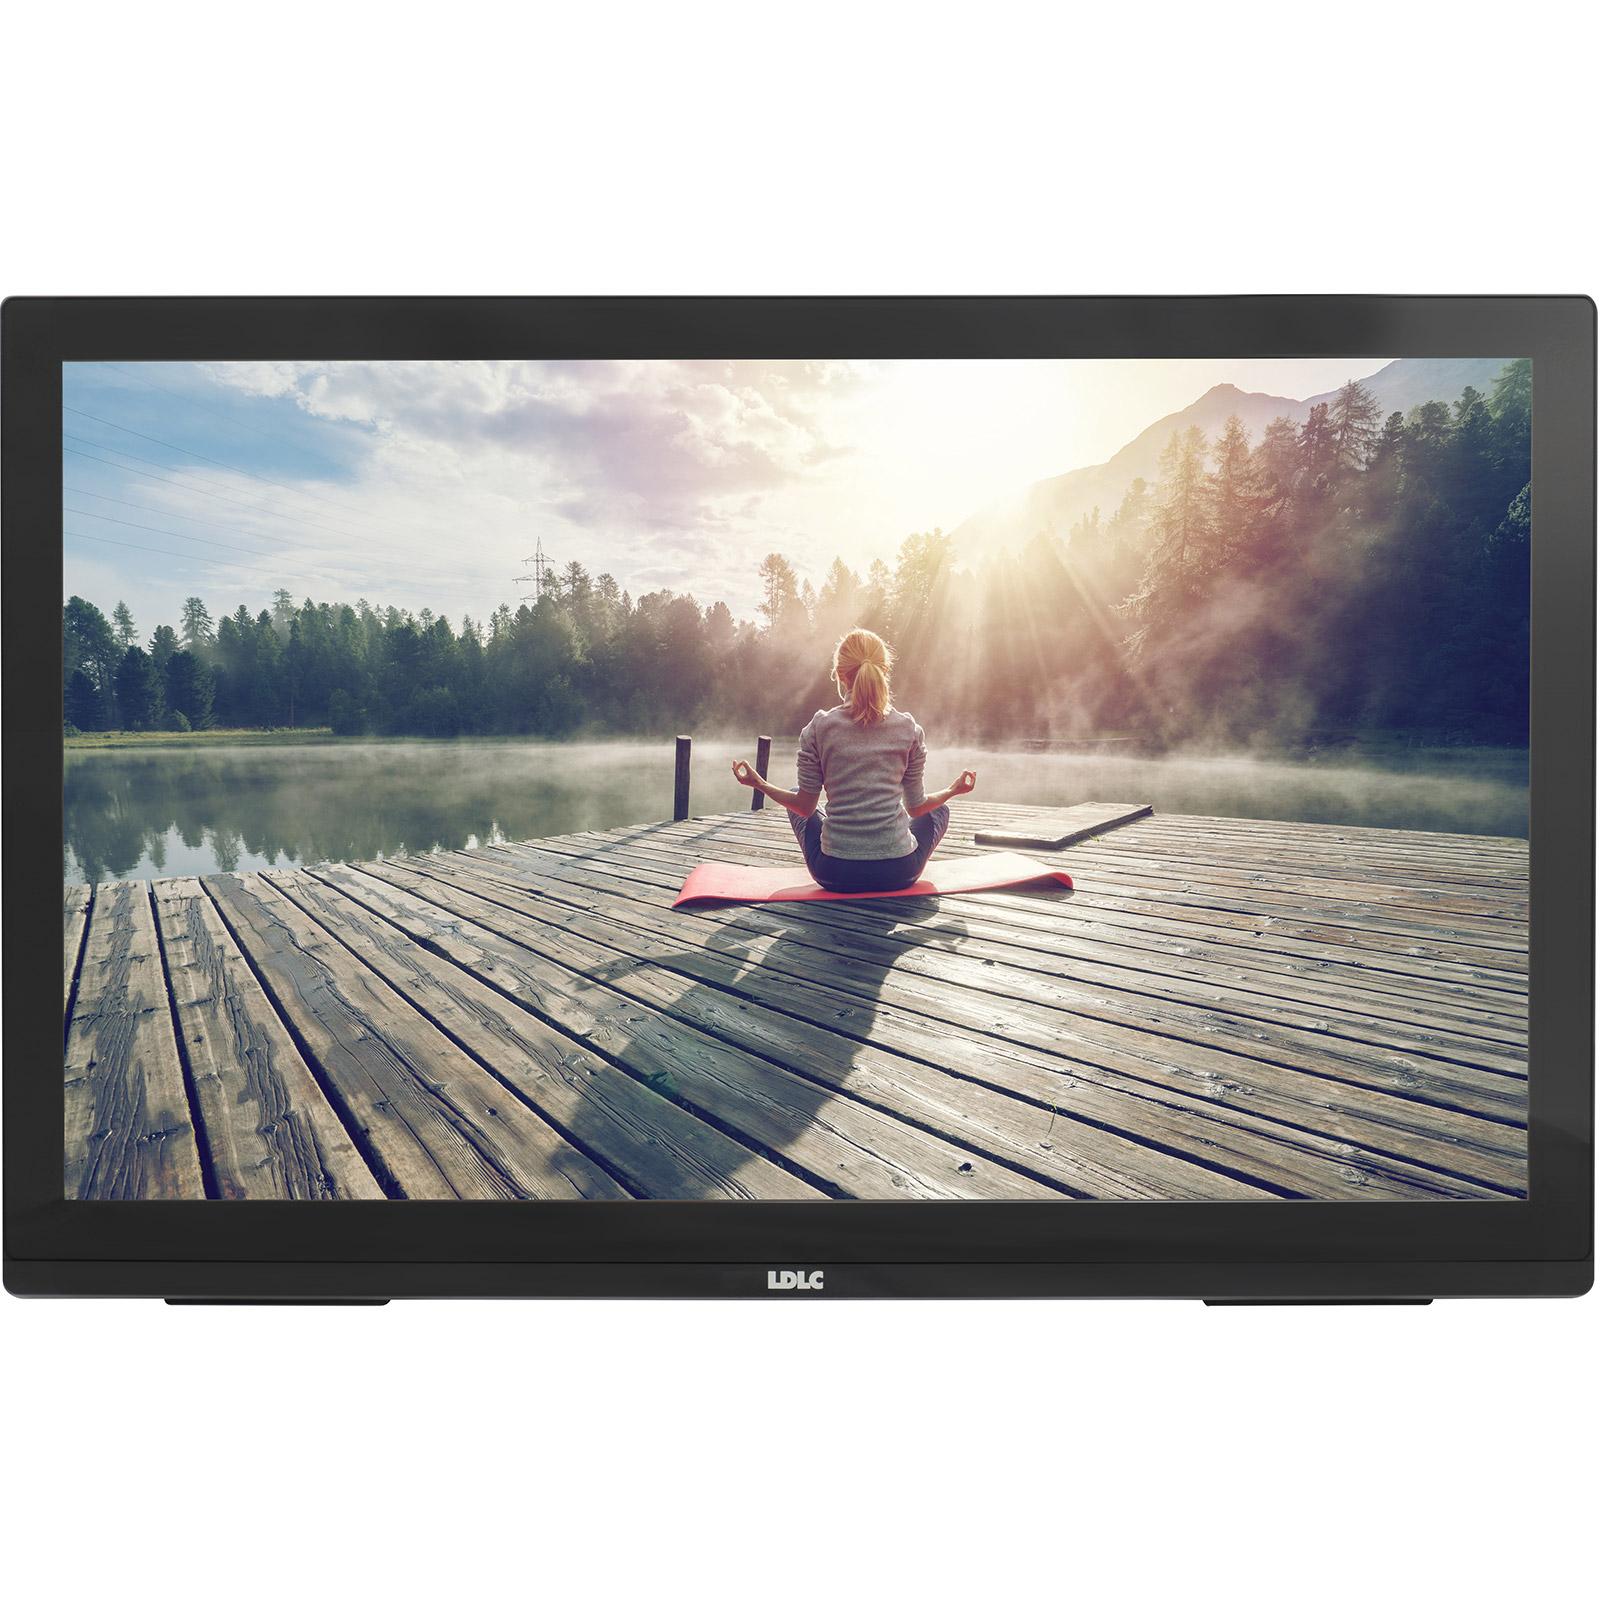 """Ecran PC LDLC 27"""" LED Tactile - Pro Touch 27 1920 x 1080 pixels - Tactile MultiTouch 10 points - 8 ms (gris à gris) - Format 16/9 - Dalle VA - HDMI - Noir"""